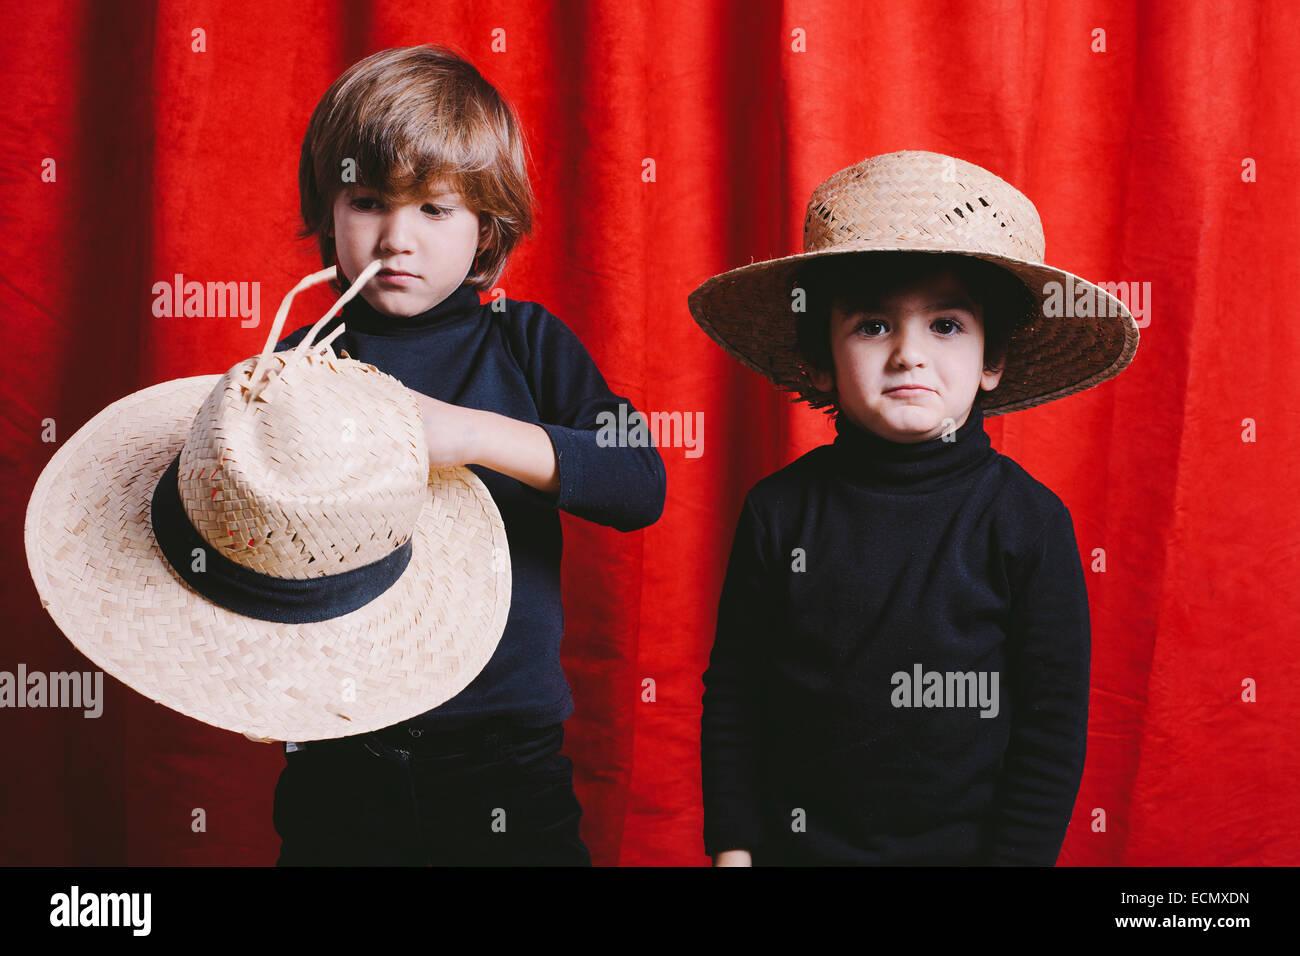 Portrait de deux garçons portant des vêtements noirs et un chapeau de paille Banque D'Images